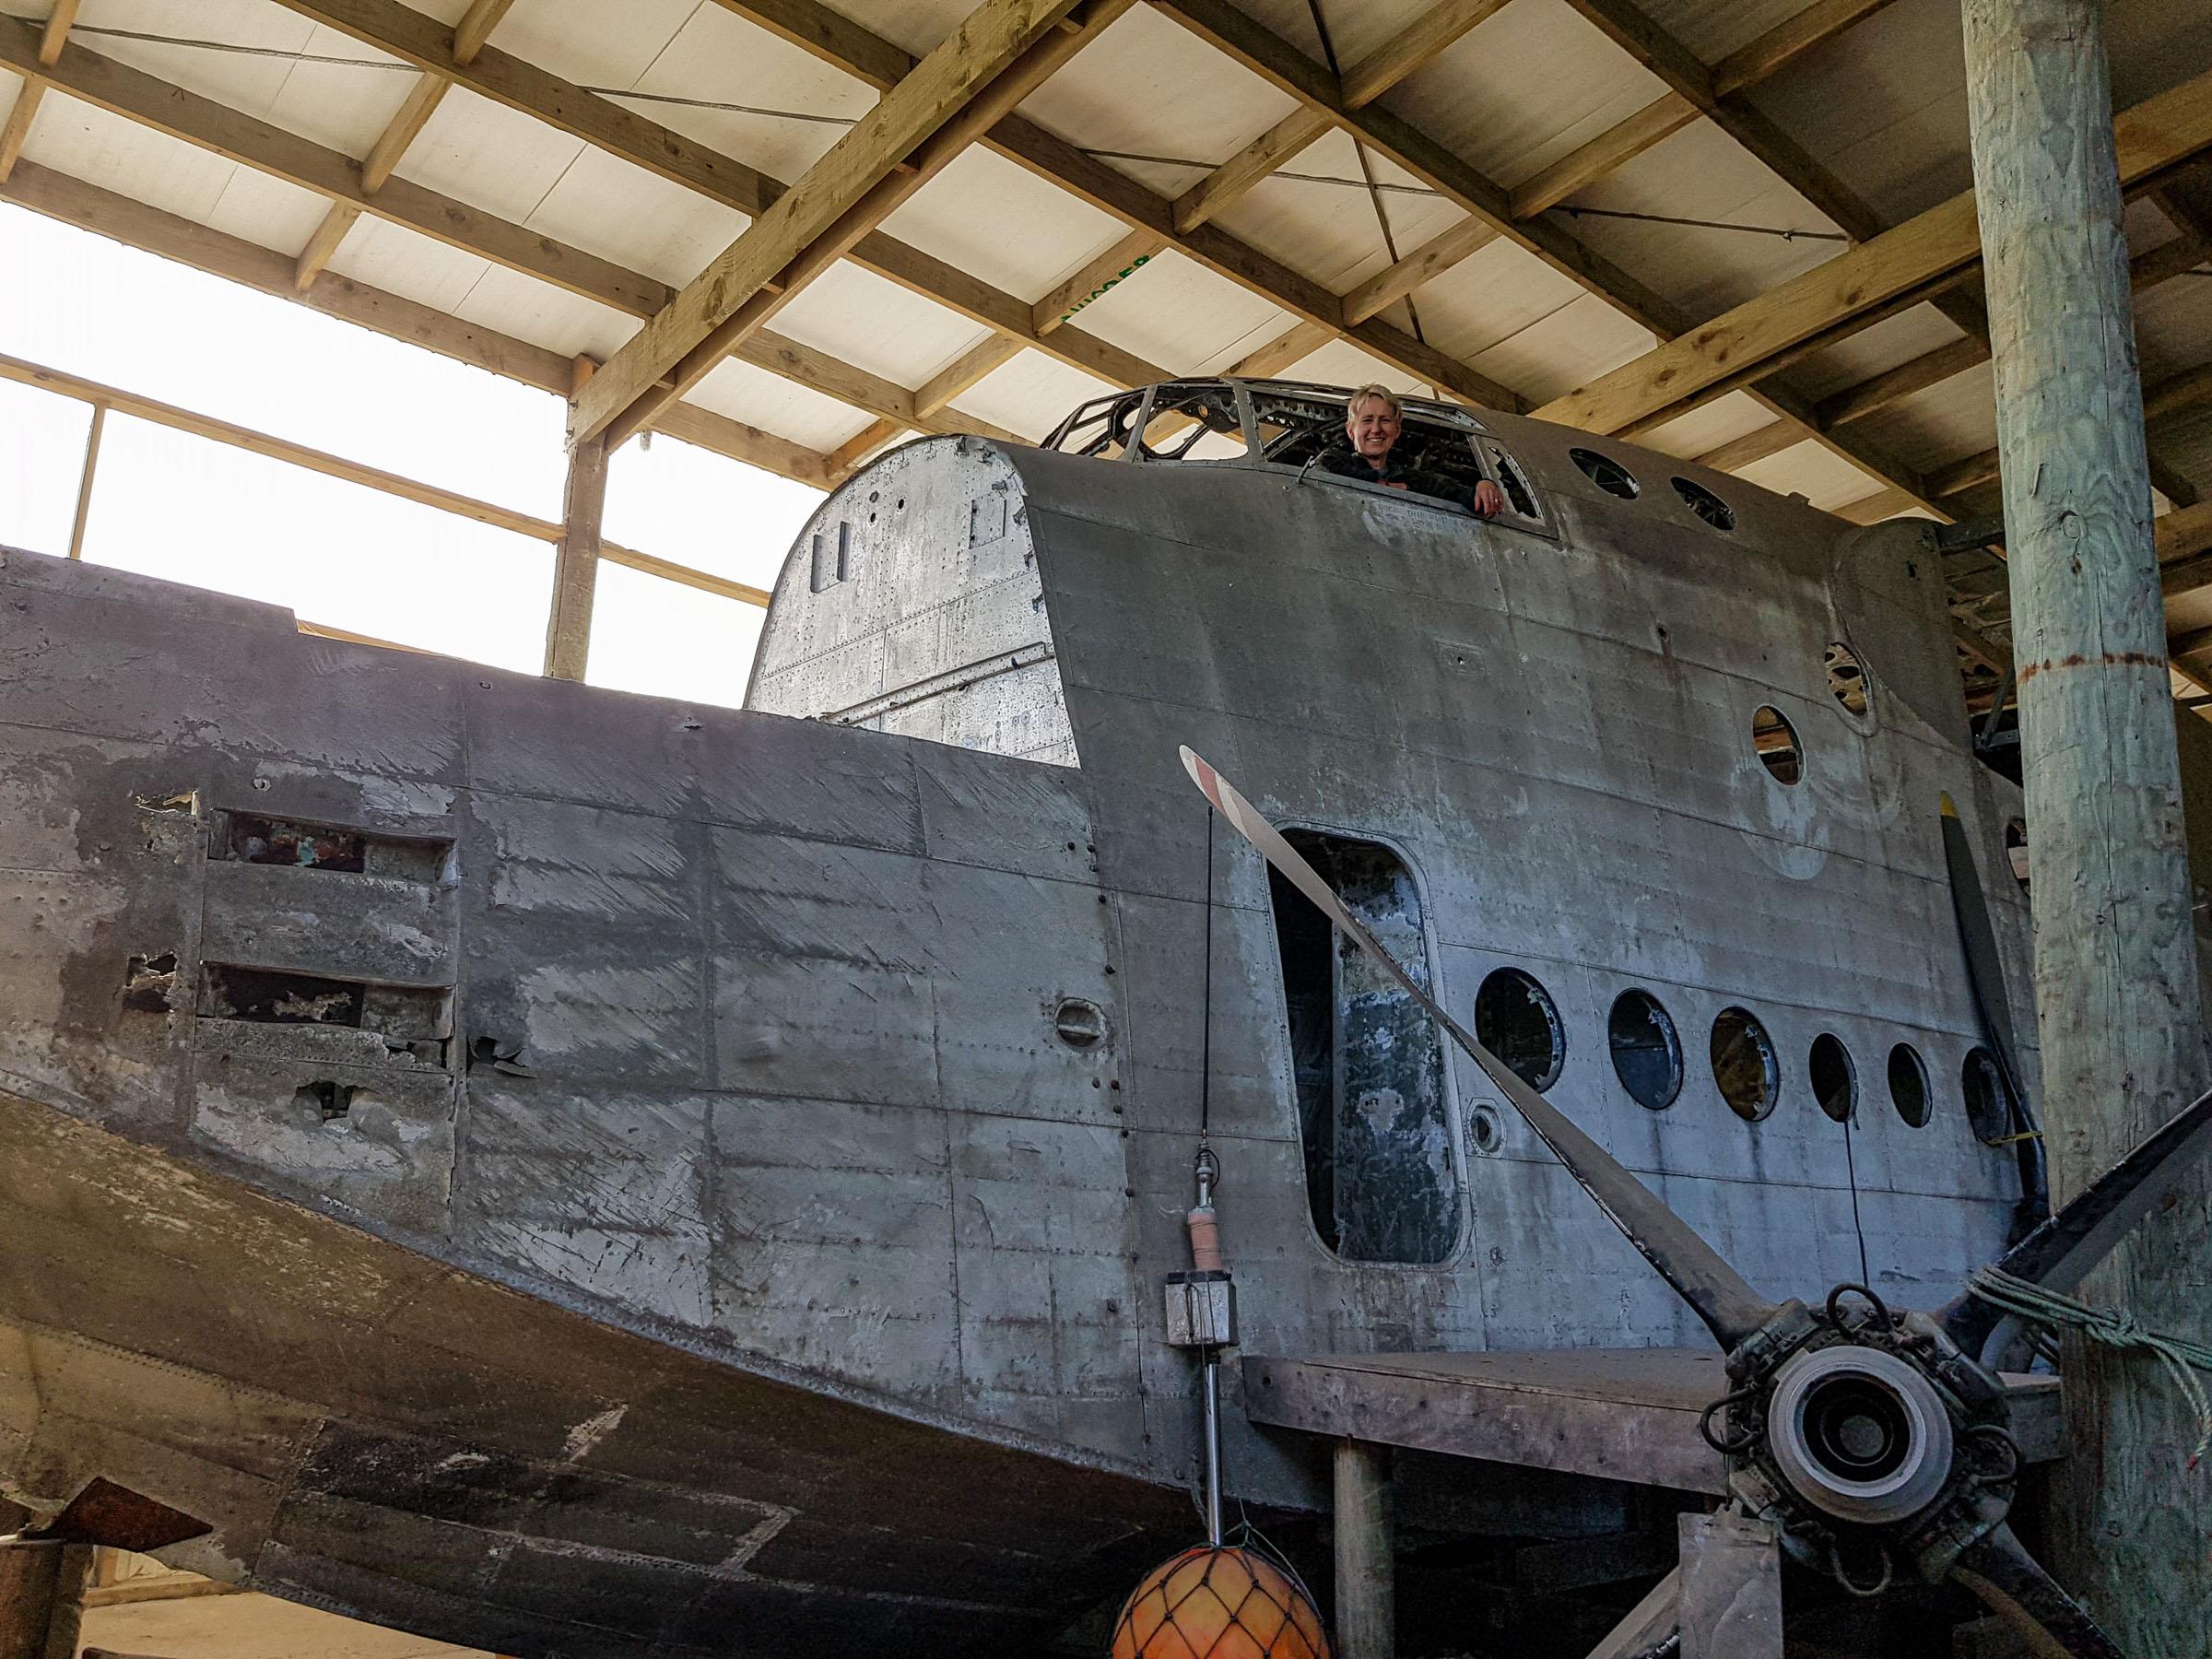 Sunderland Flying Boat Restoration Project